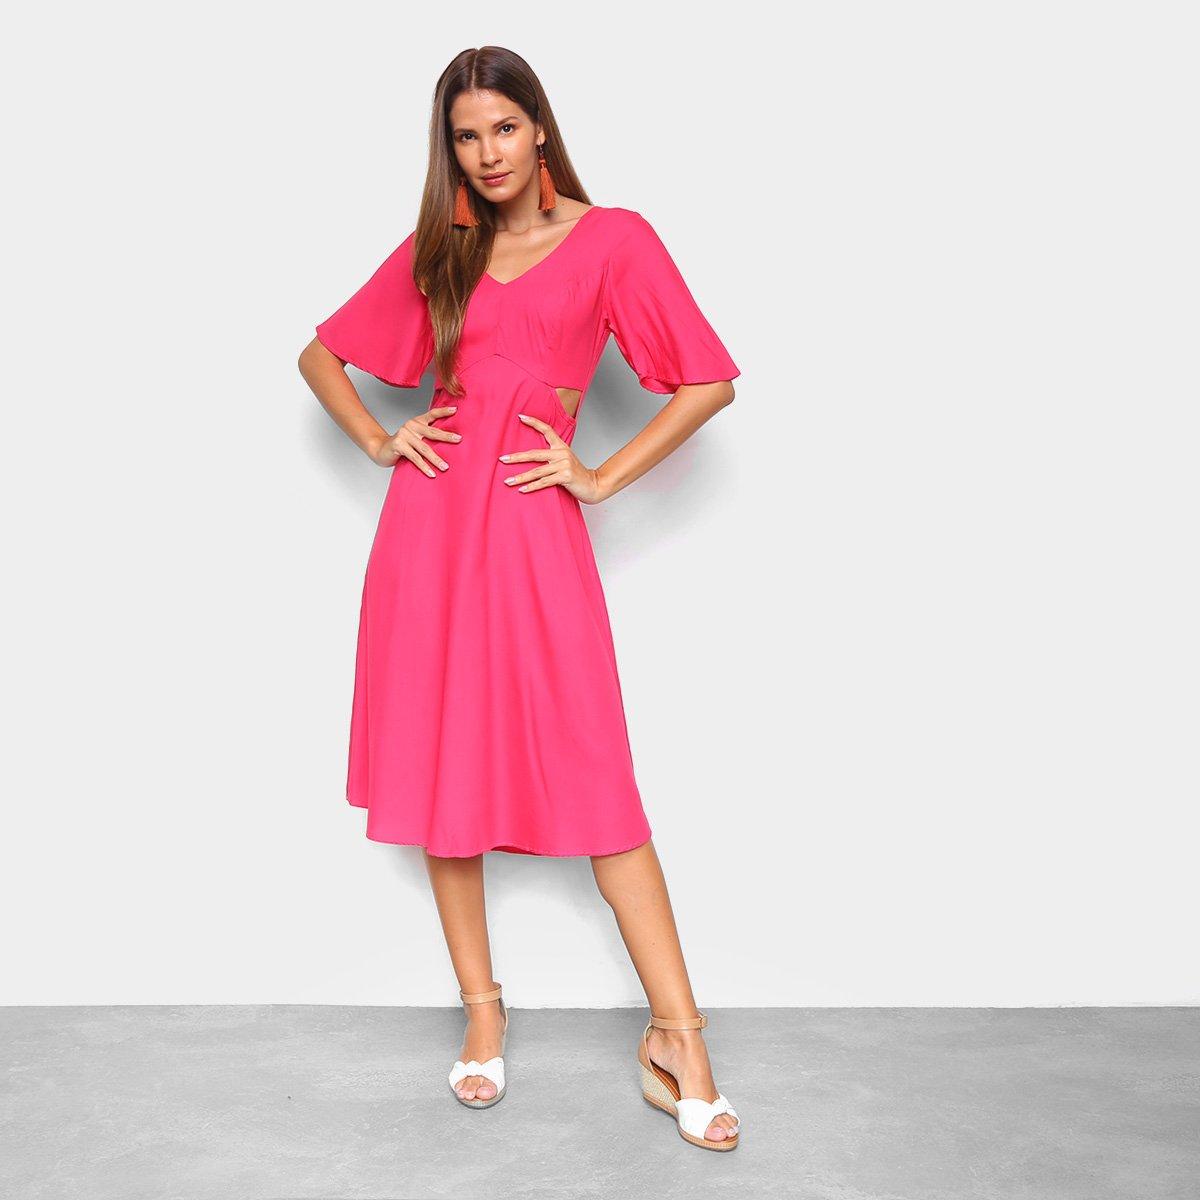 1612584554 709 echa un vistazo a las opciones para comprar y 30 - 40 modelos de vestidos rosas para un look que no pasa desapercibido